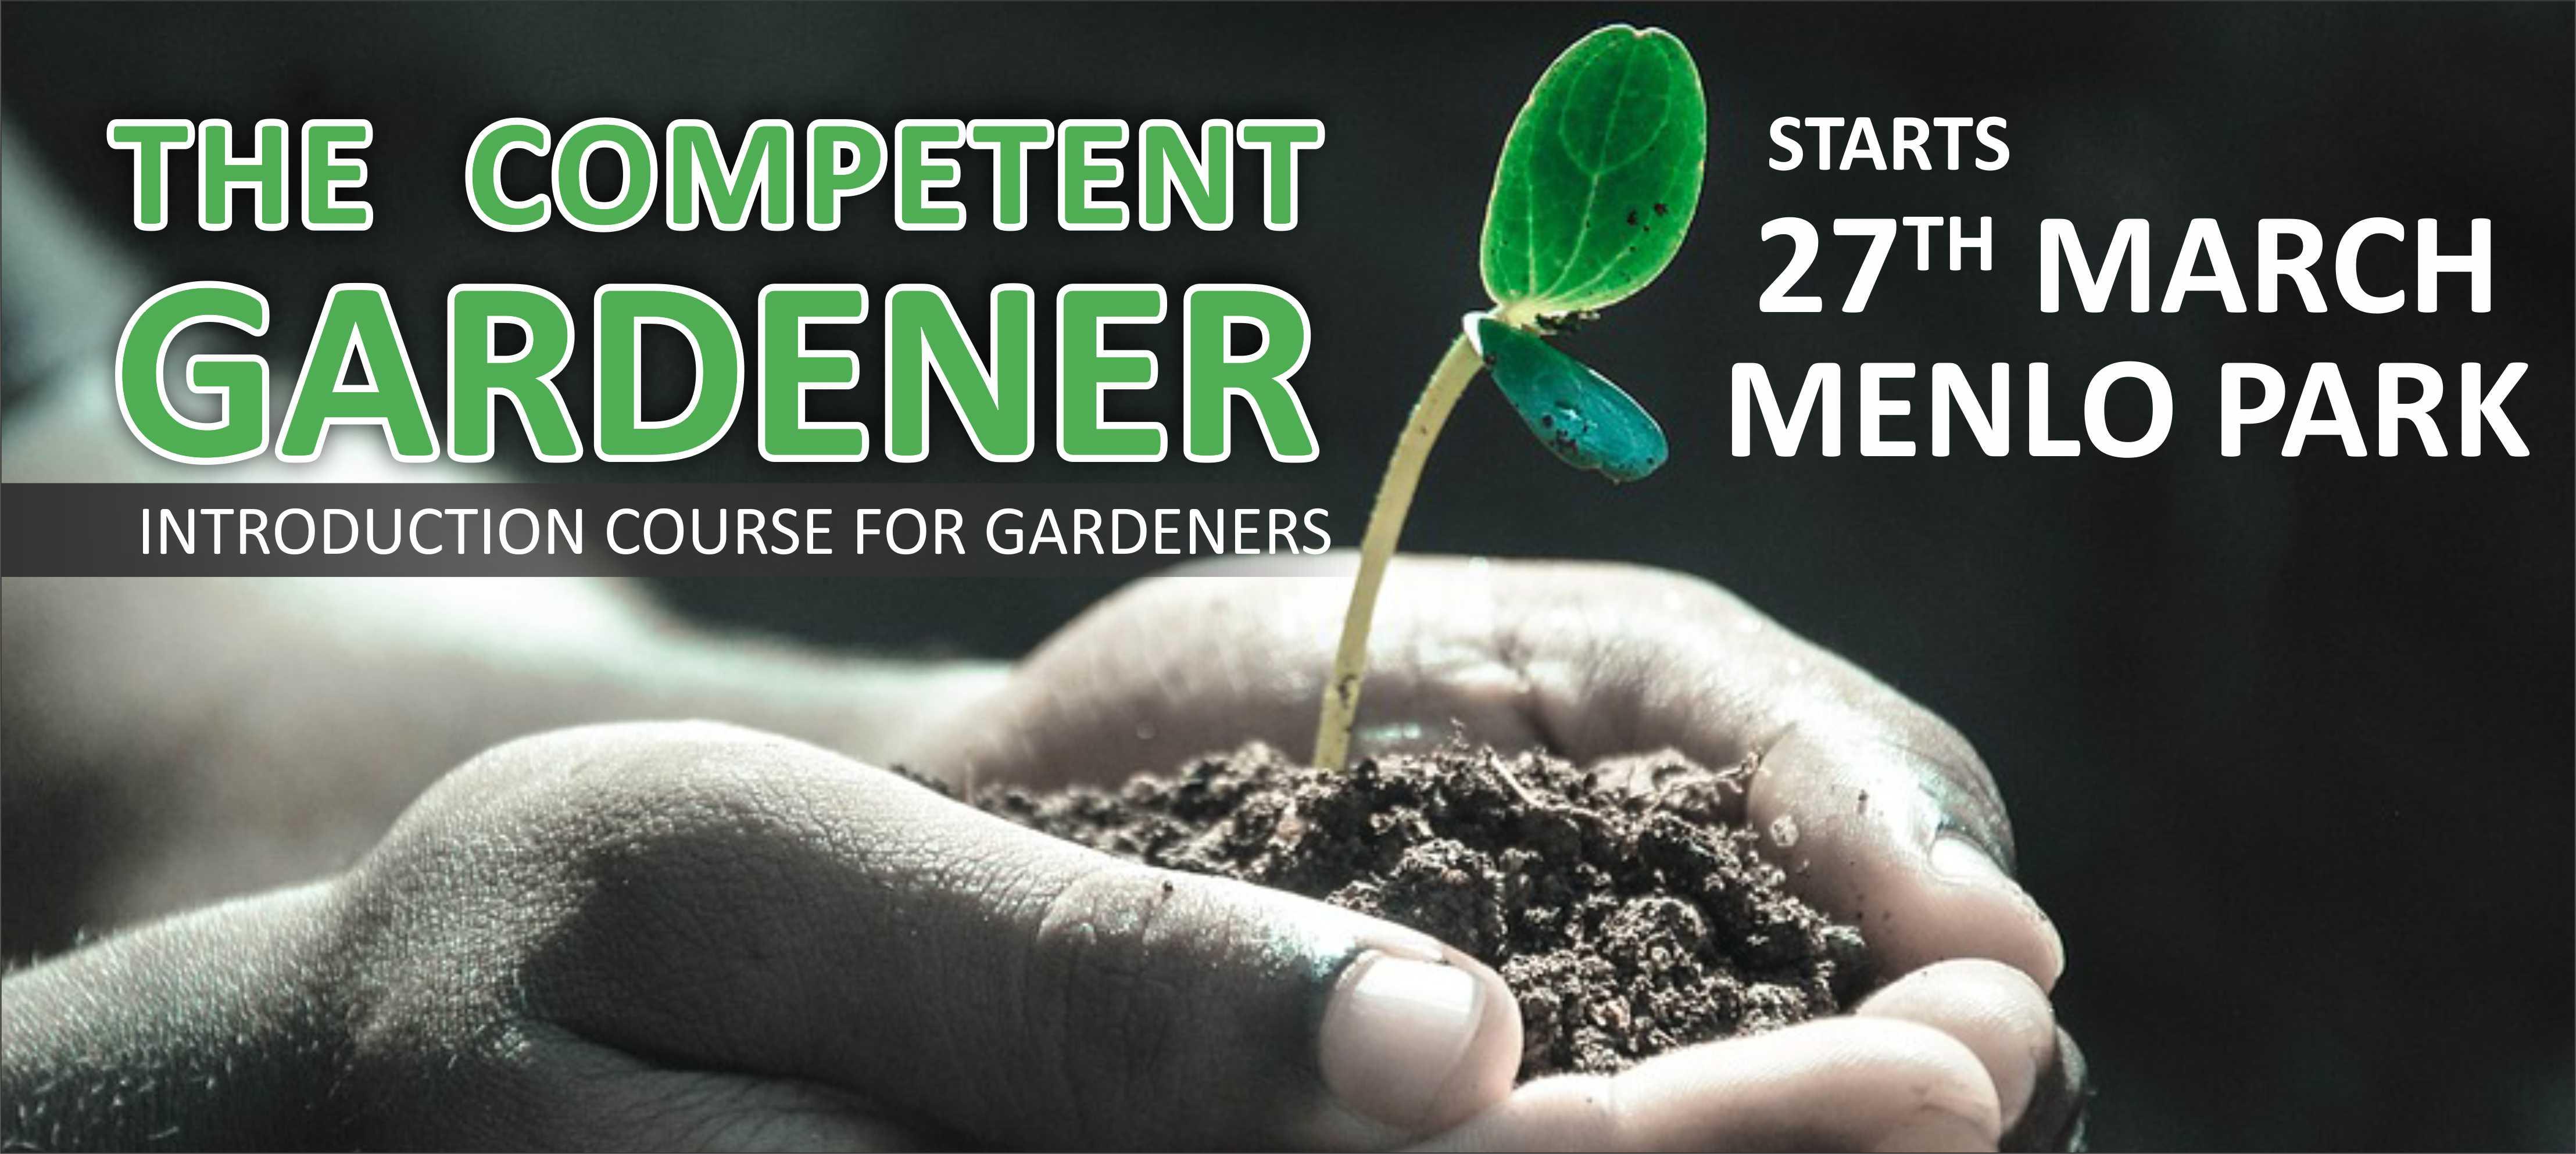 Gardeners-course-MENLO-2019 The Competent Gardener @ Menlo